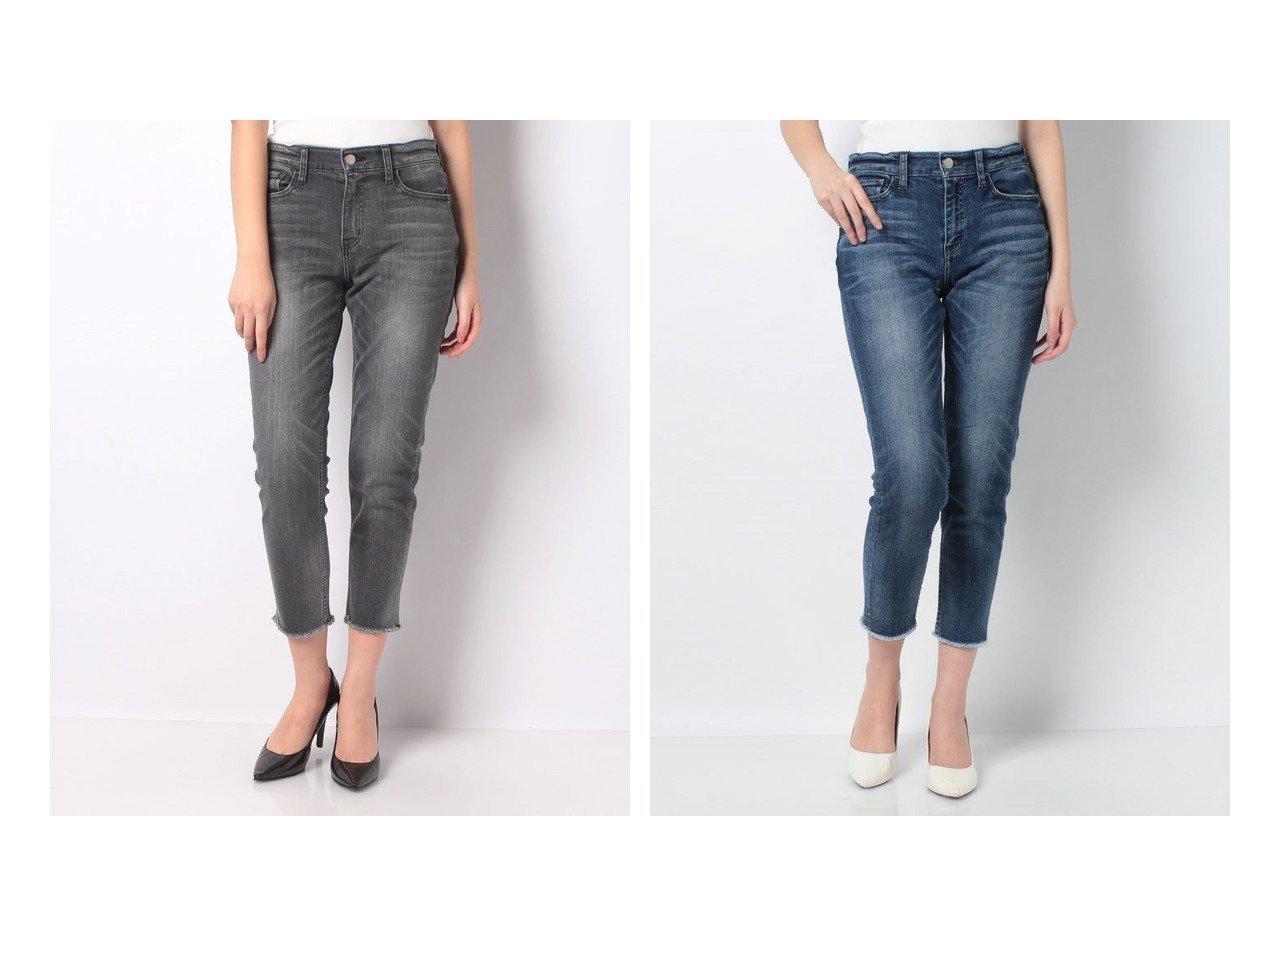 【allureville/アルアバイル】の【Healthy(ヘルシー)】 H SALT パンツのおすすめ!人気、トレンド・レディースファッションの通販 おすすめで人気の流行・トレンド、ファッションの通販商品 メンズファッション・キッズファッション・インテリア・家具・レディースファッション・服の通販 founy(ファニー) https://founy.com/ ファッション Fashion レディースファッション WOMEN パンツ Pants デニムパンツ Denim Pants クロップド スキニーデニム スニーカー デニム ヴィンテージ |ID:crp329100000024466